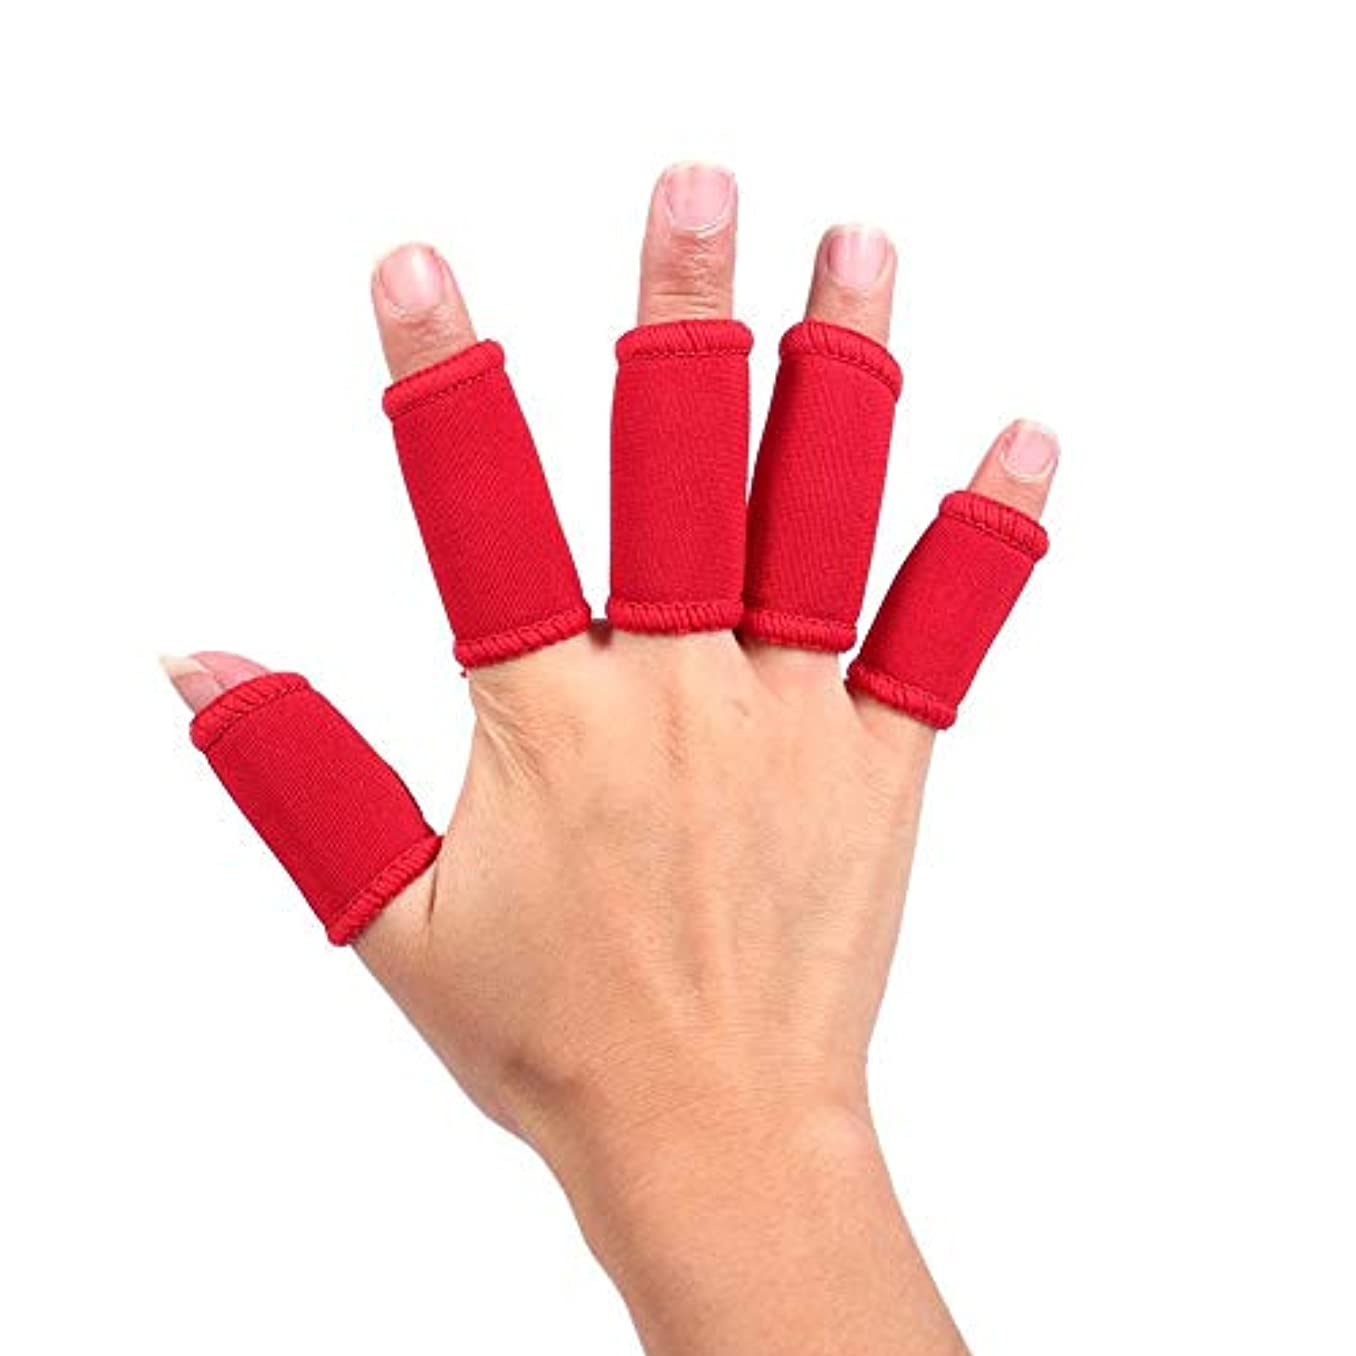 劇場発明コンテスト指の損傷のサポート、指のプロテクター5個のサポートスポーツの指のサポートスプリントプロテクター親指のサポートプロテクター,Red